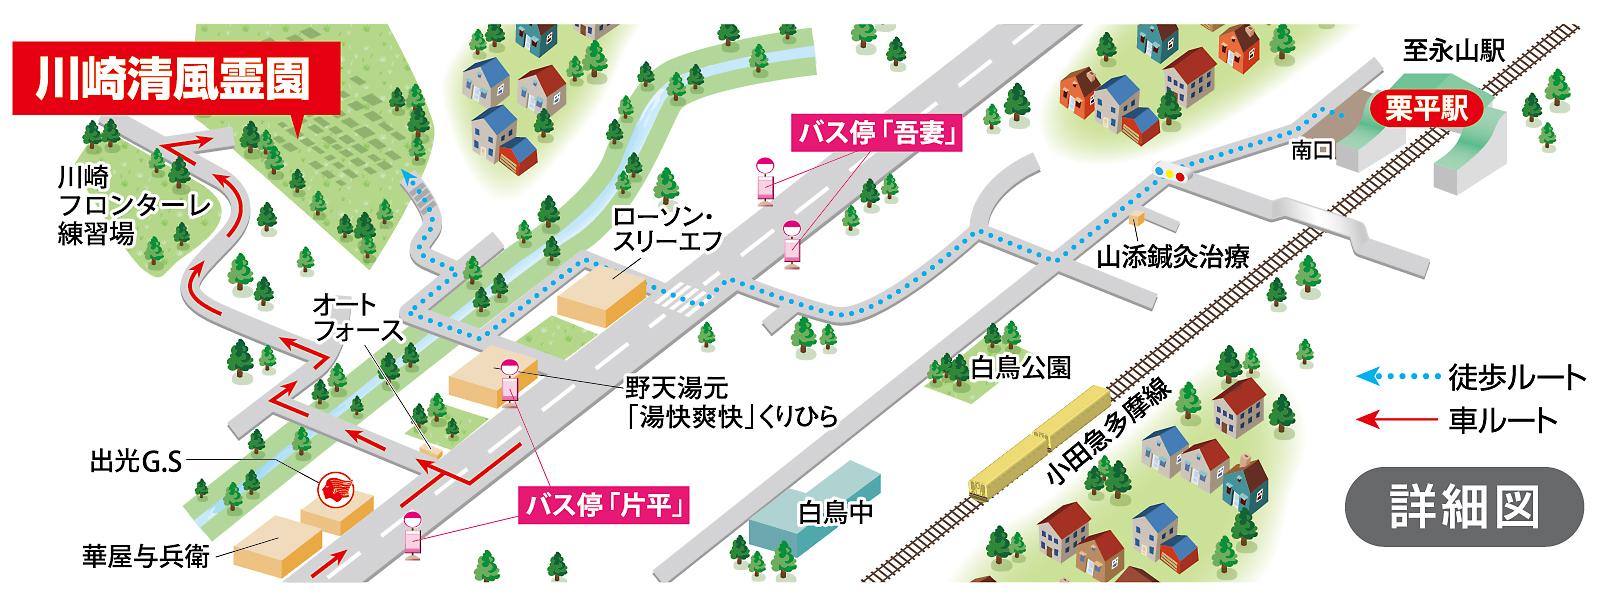 川崎清風霊園 マップ